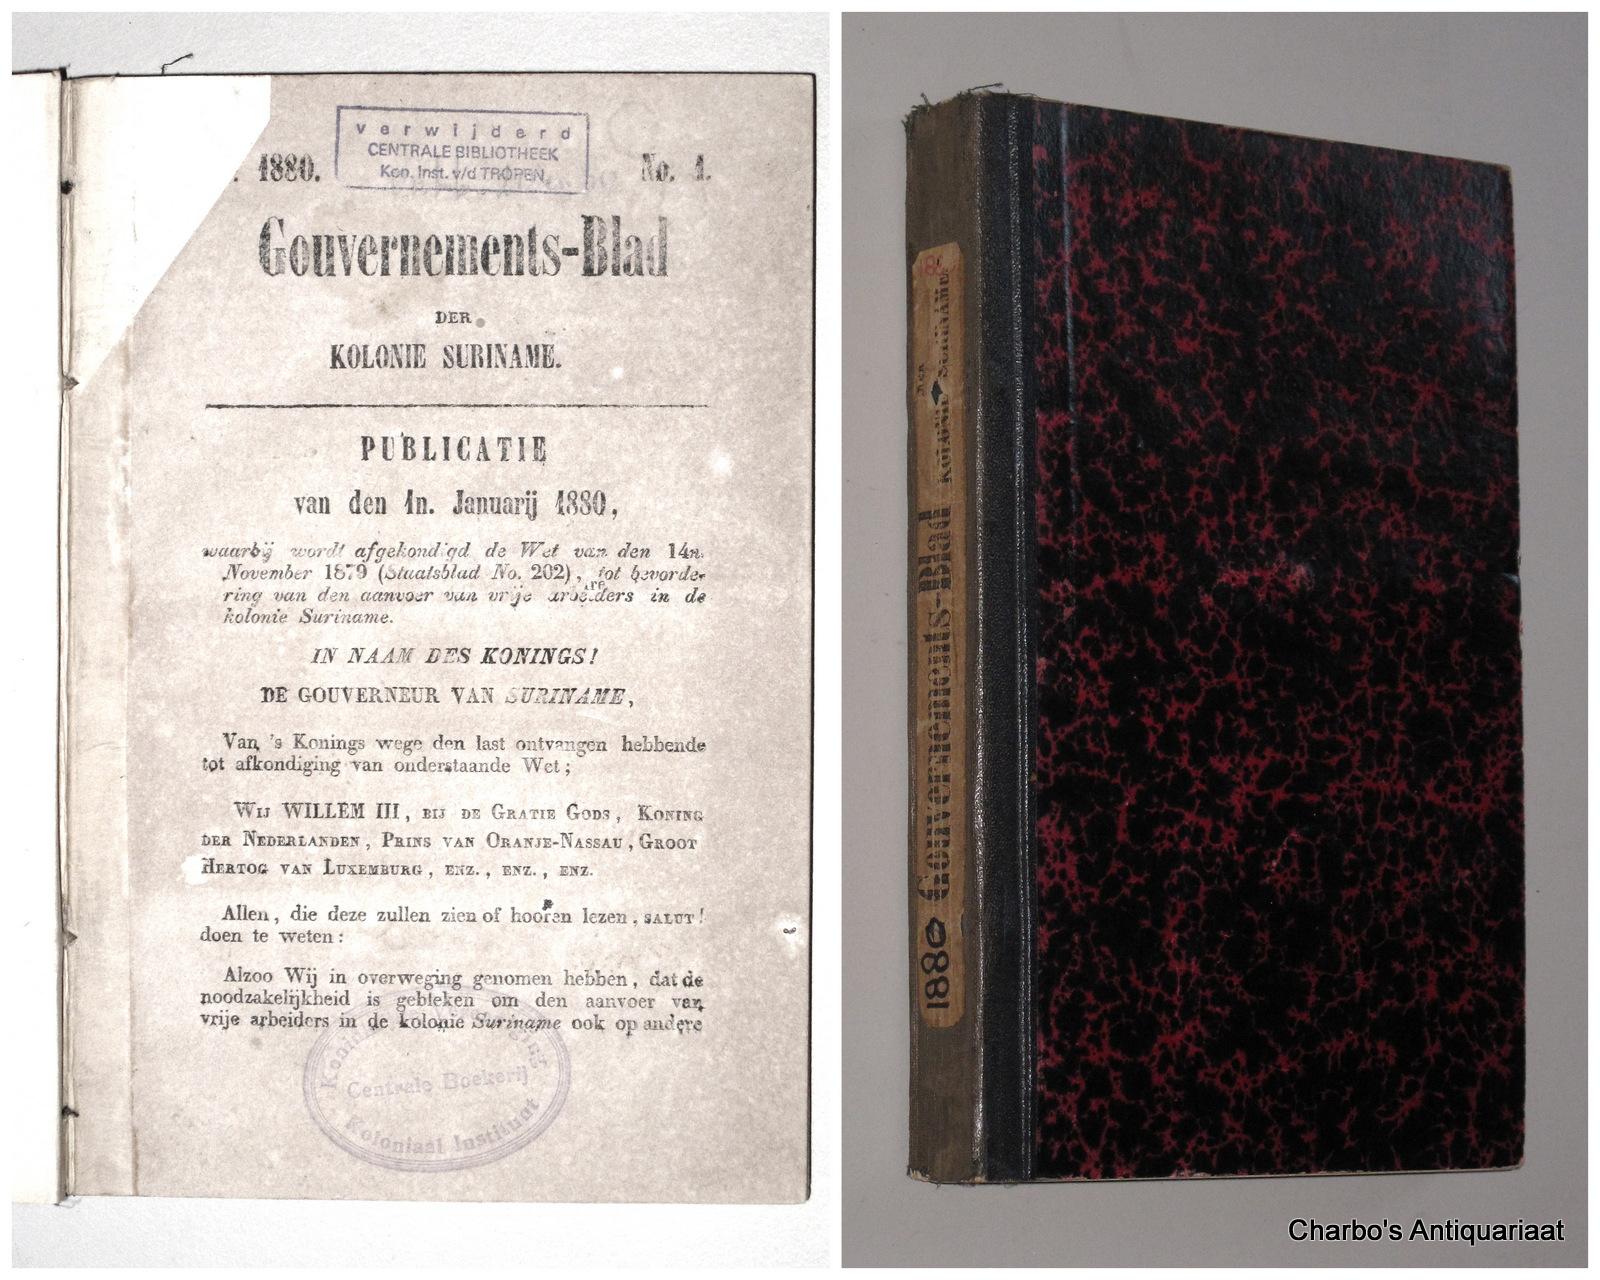 SURINAME. -  Gouvernements-blad der Kolonie Suriname 1880.